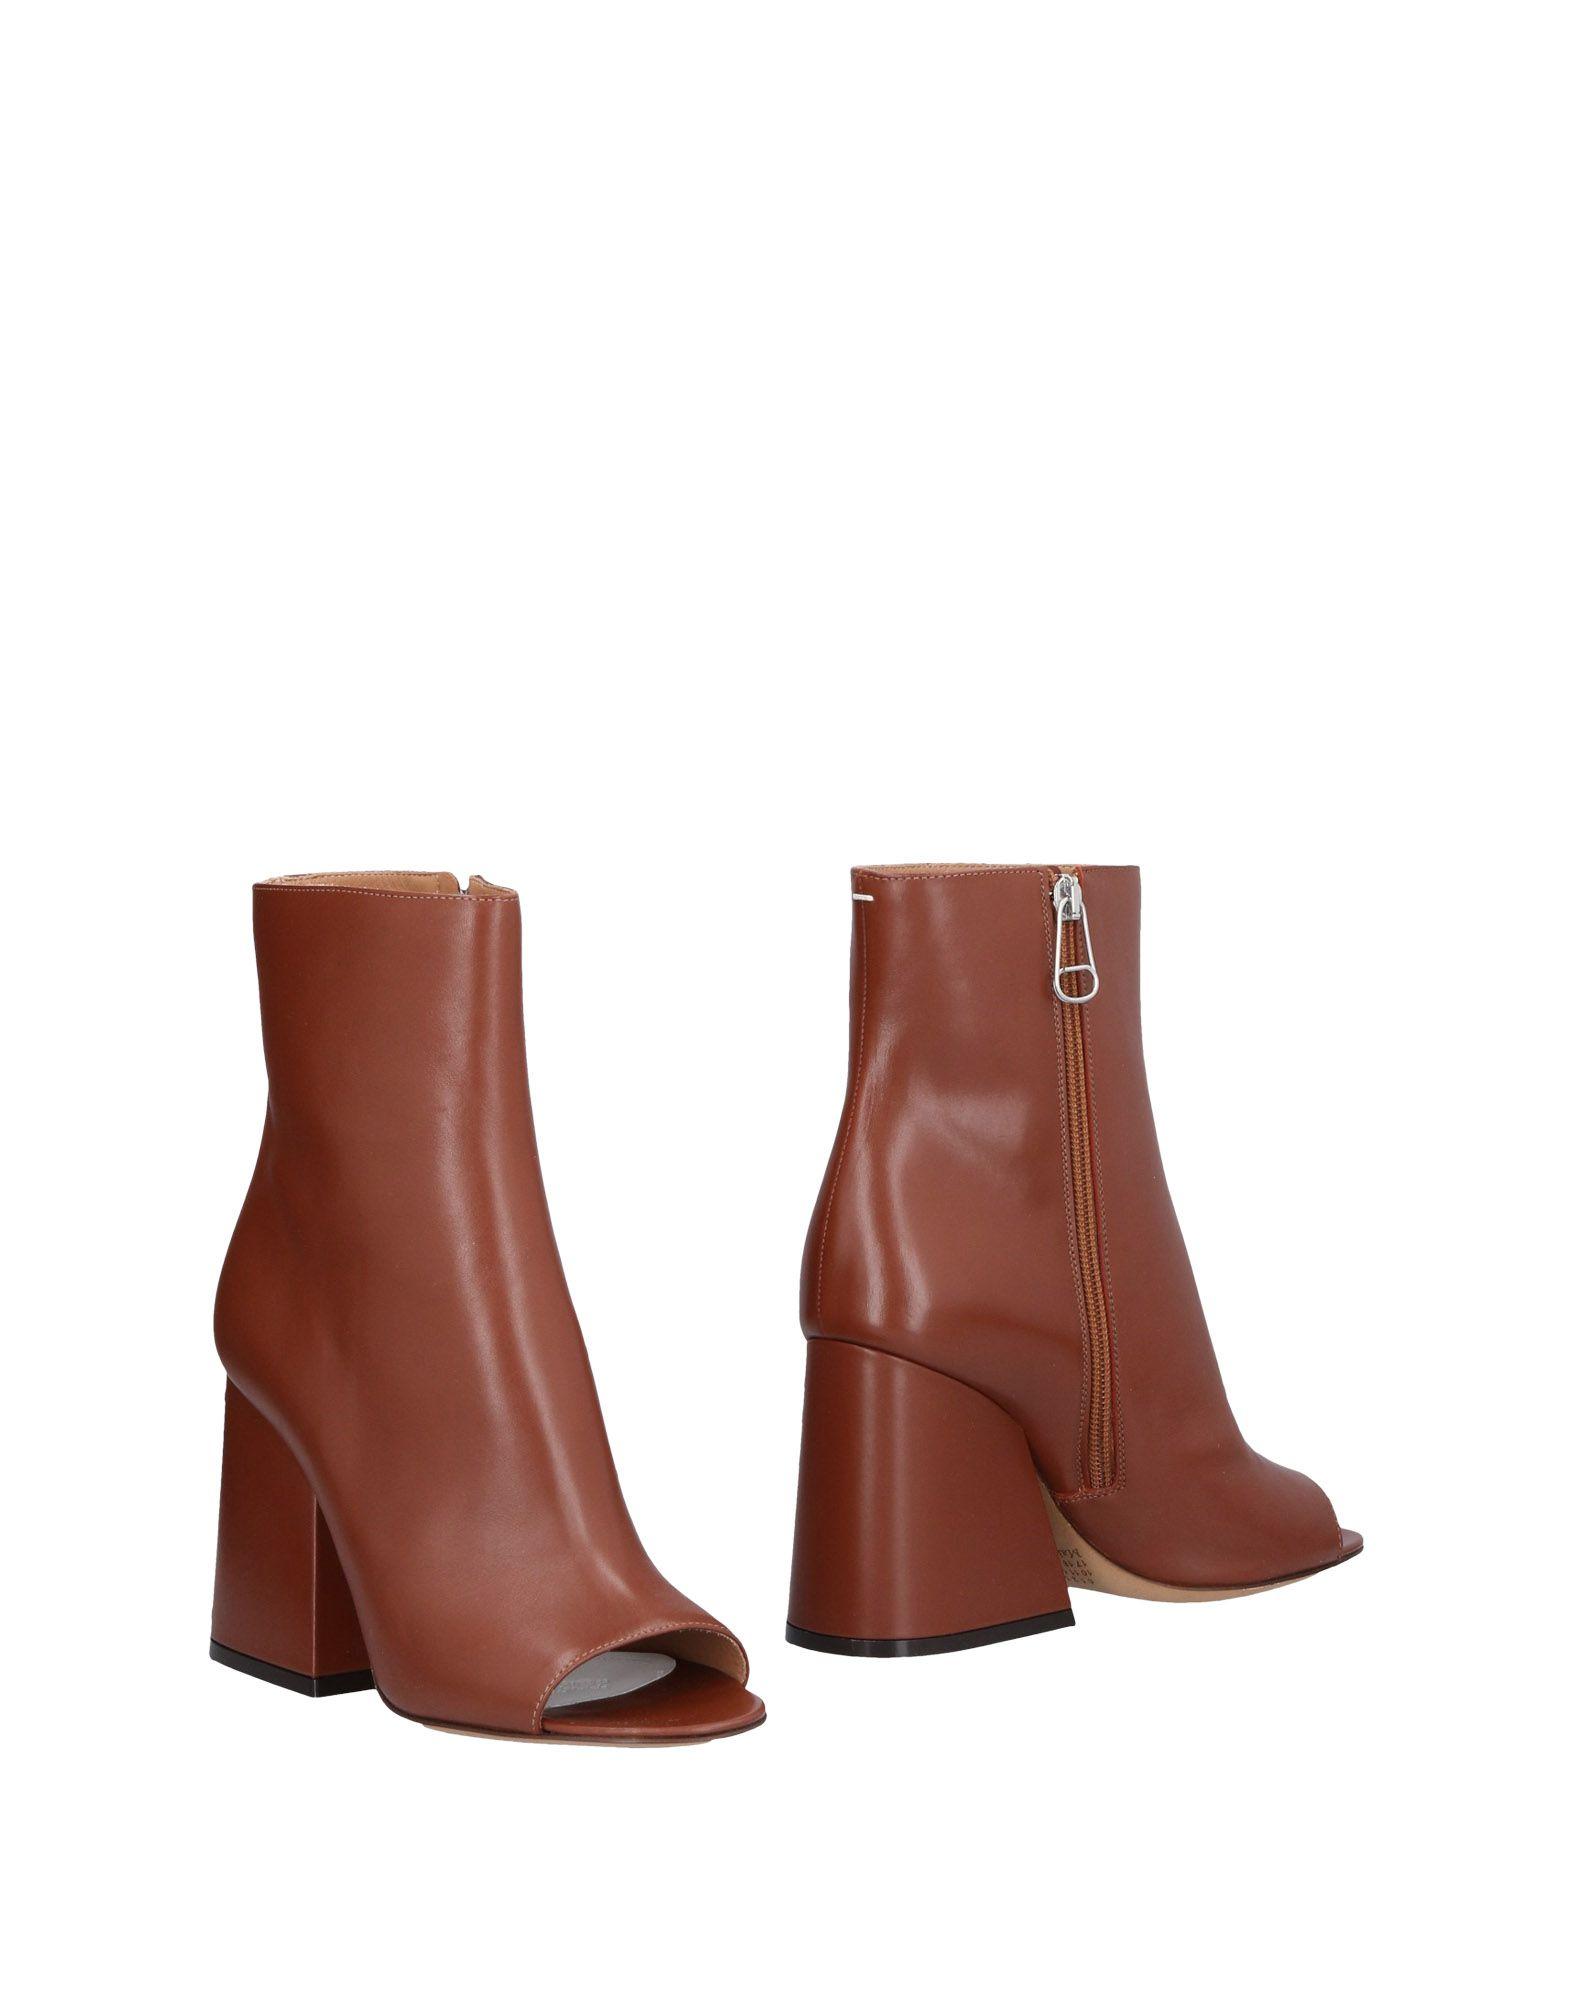 Maison Margiela Stiefelette Damen aussehende  11472205STGünstige gut aussehende Damen Schuhe d3b62f